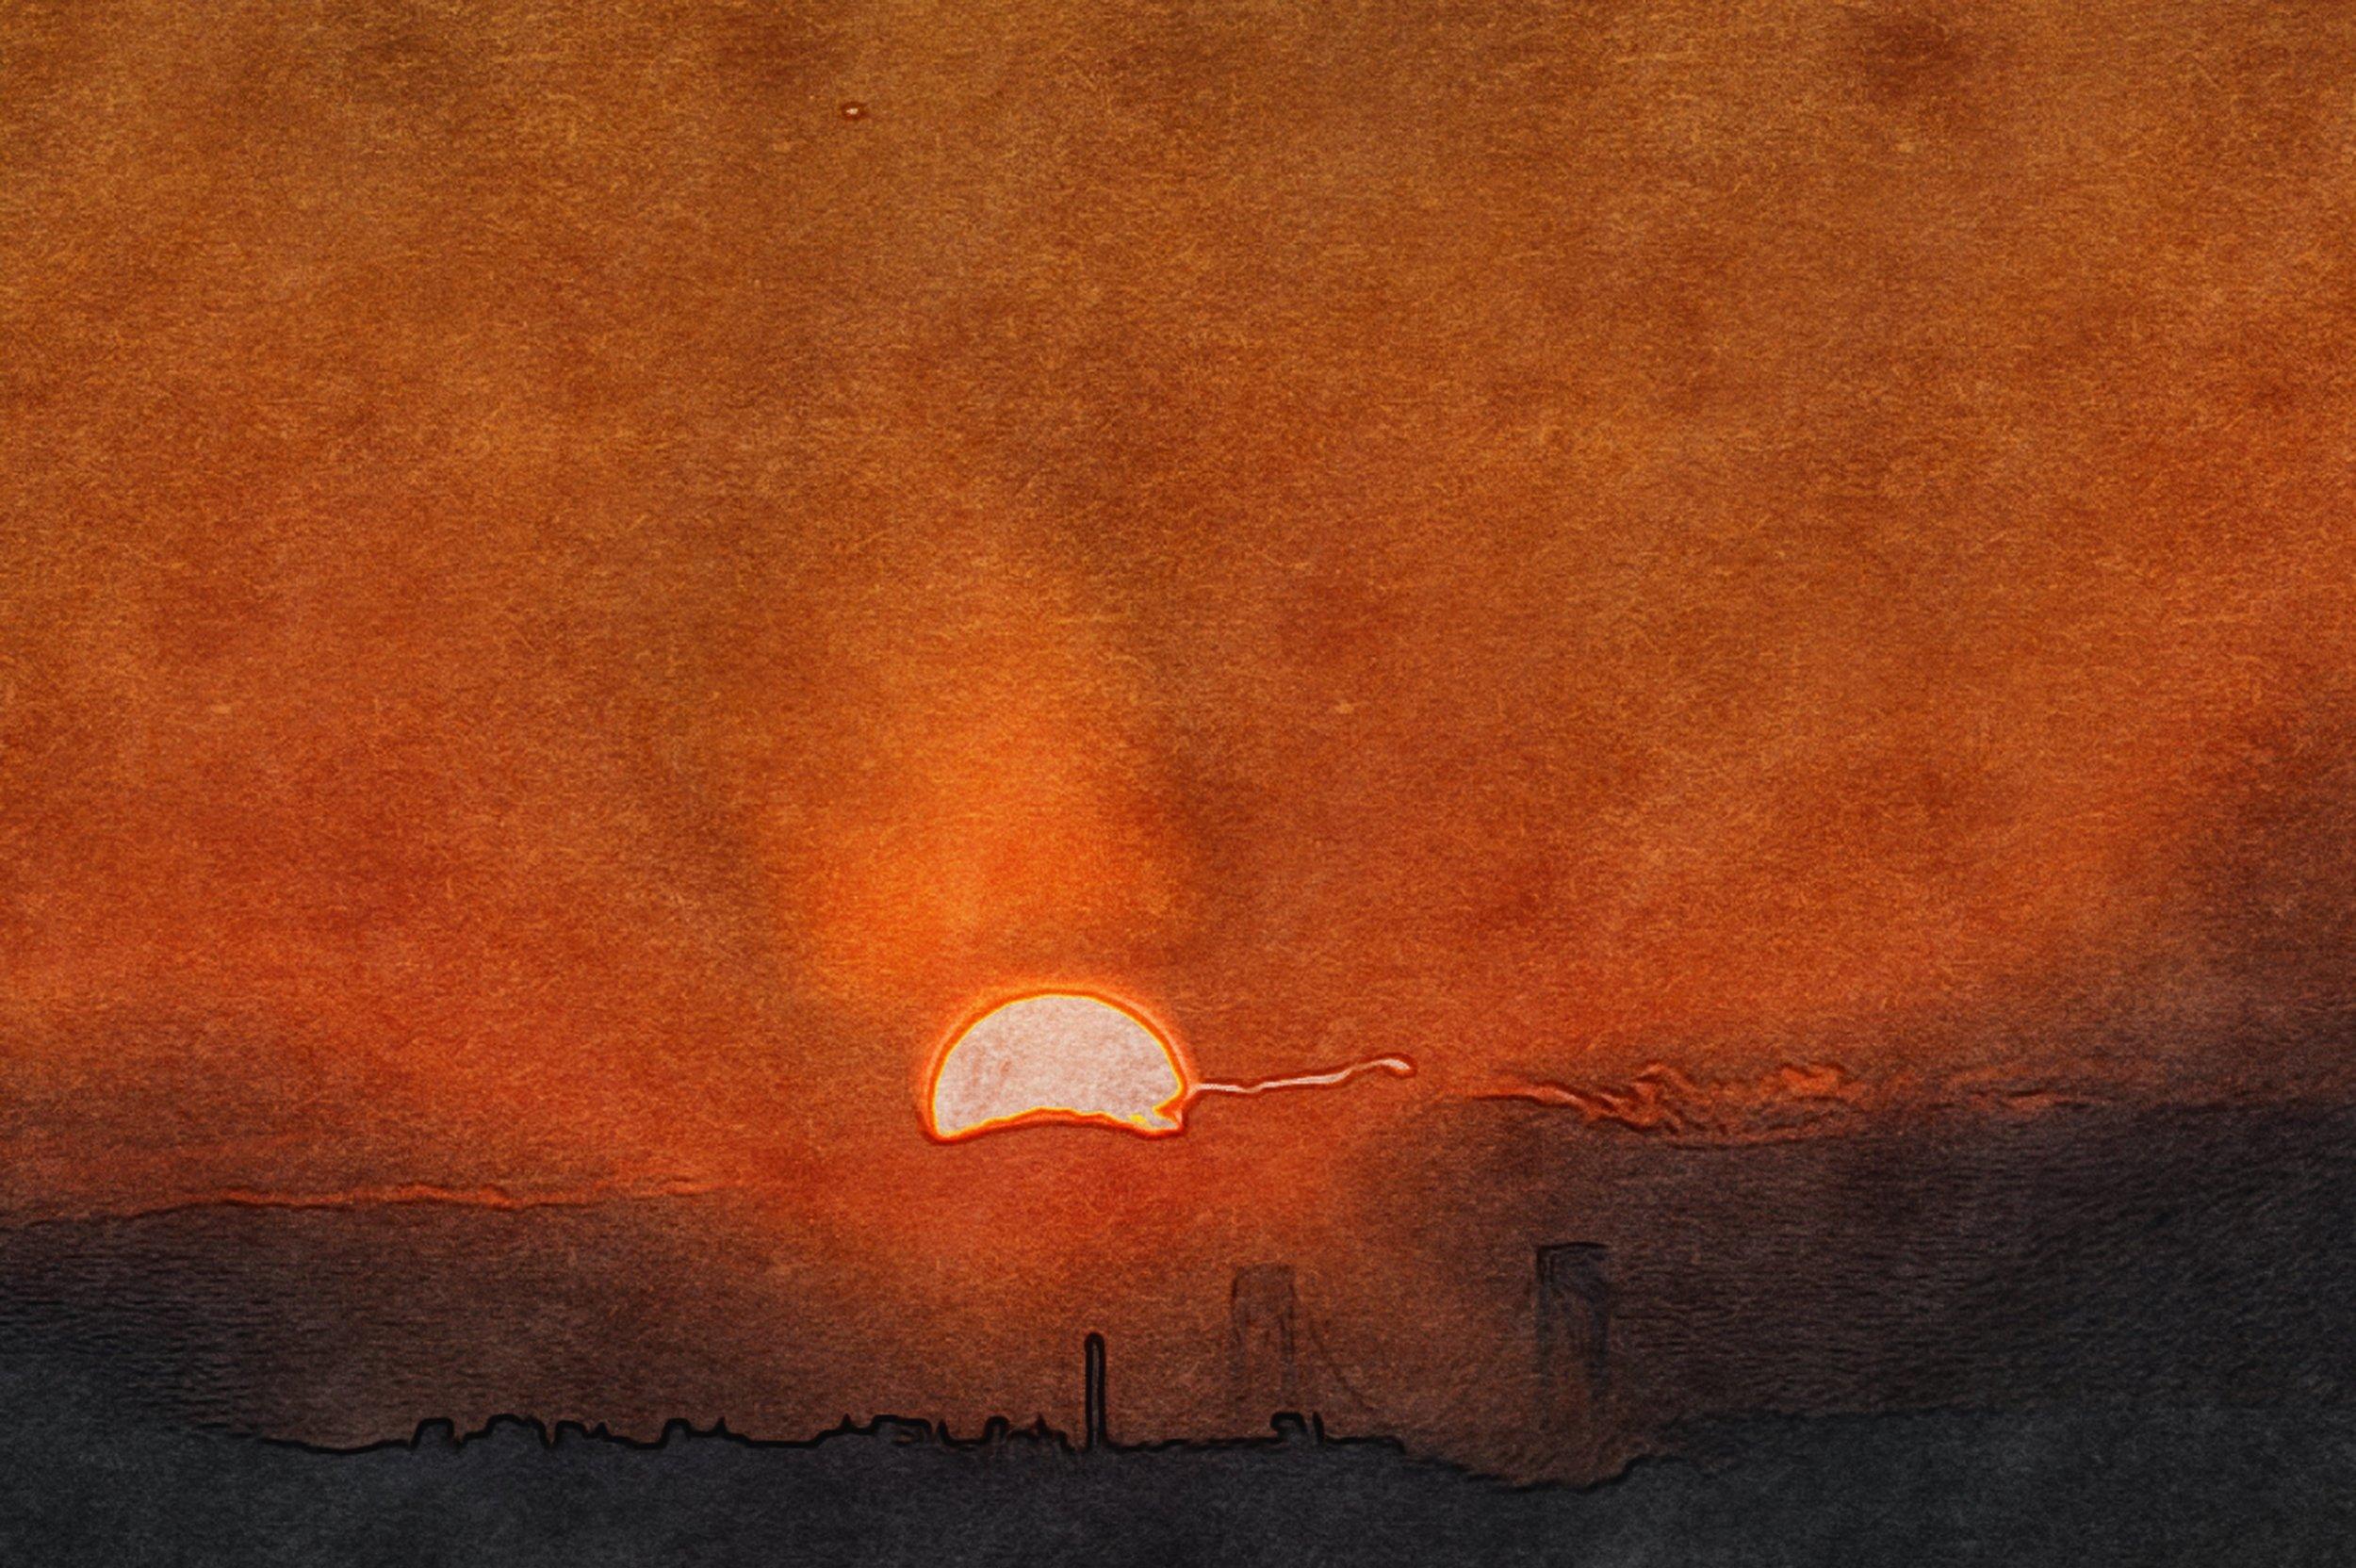 Sunset // Verrazano Bridge